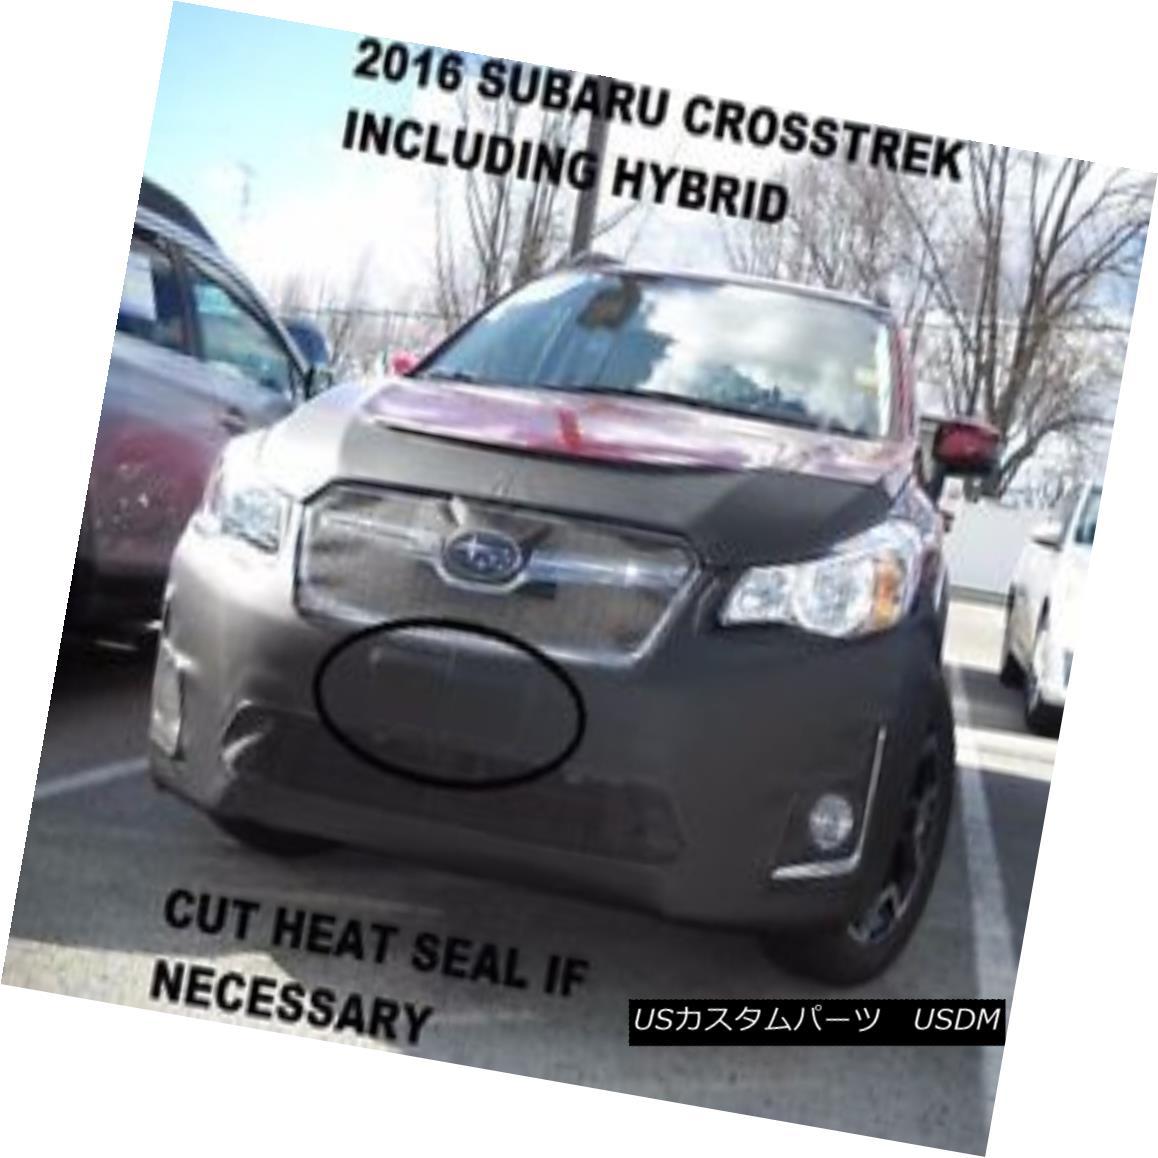 フルブラ ノーズブラ Lebra Front End Mask Bra Fits Subaru XV Crosstrek Incl. Hybrid 2016-2017 LebraフロントエンドマスクブラはSubaru XV Crosstrek Inclに適合 ハイブリッド2016-2017